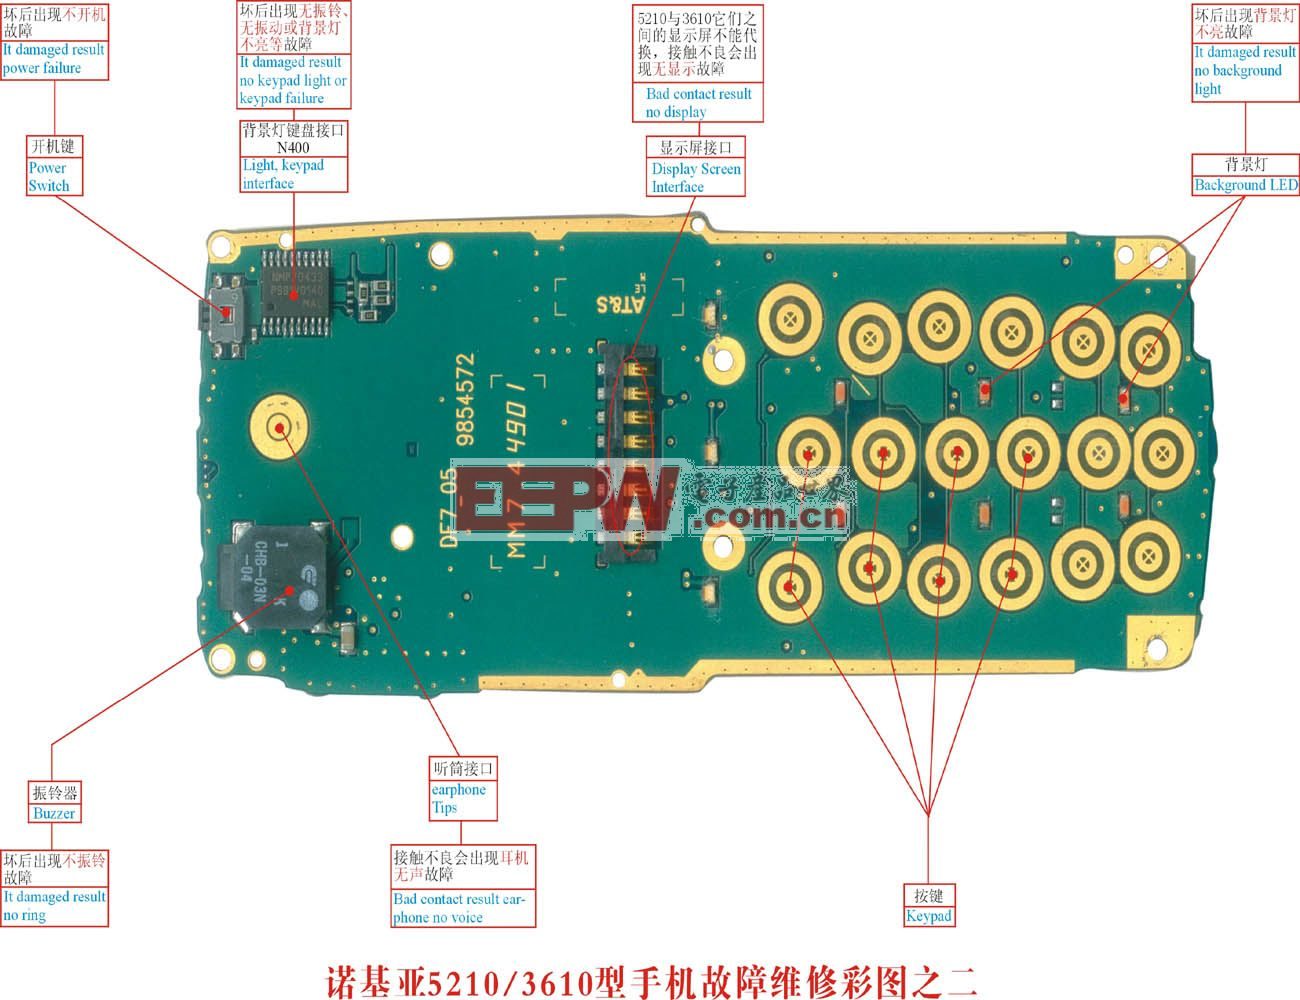 诺基亚5210 手机故障维修实物彩图(2)